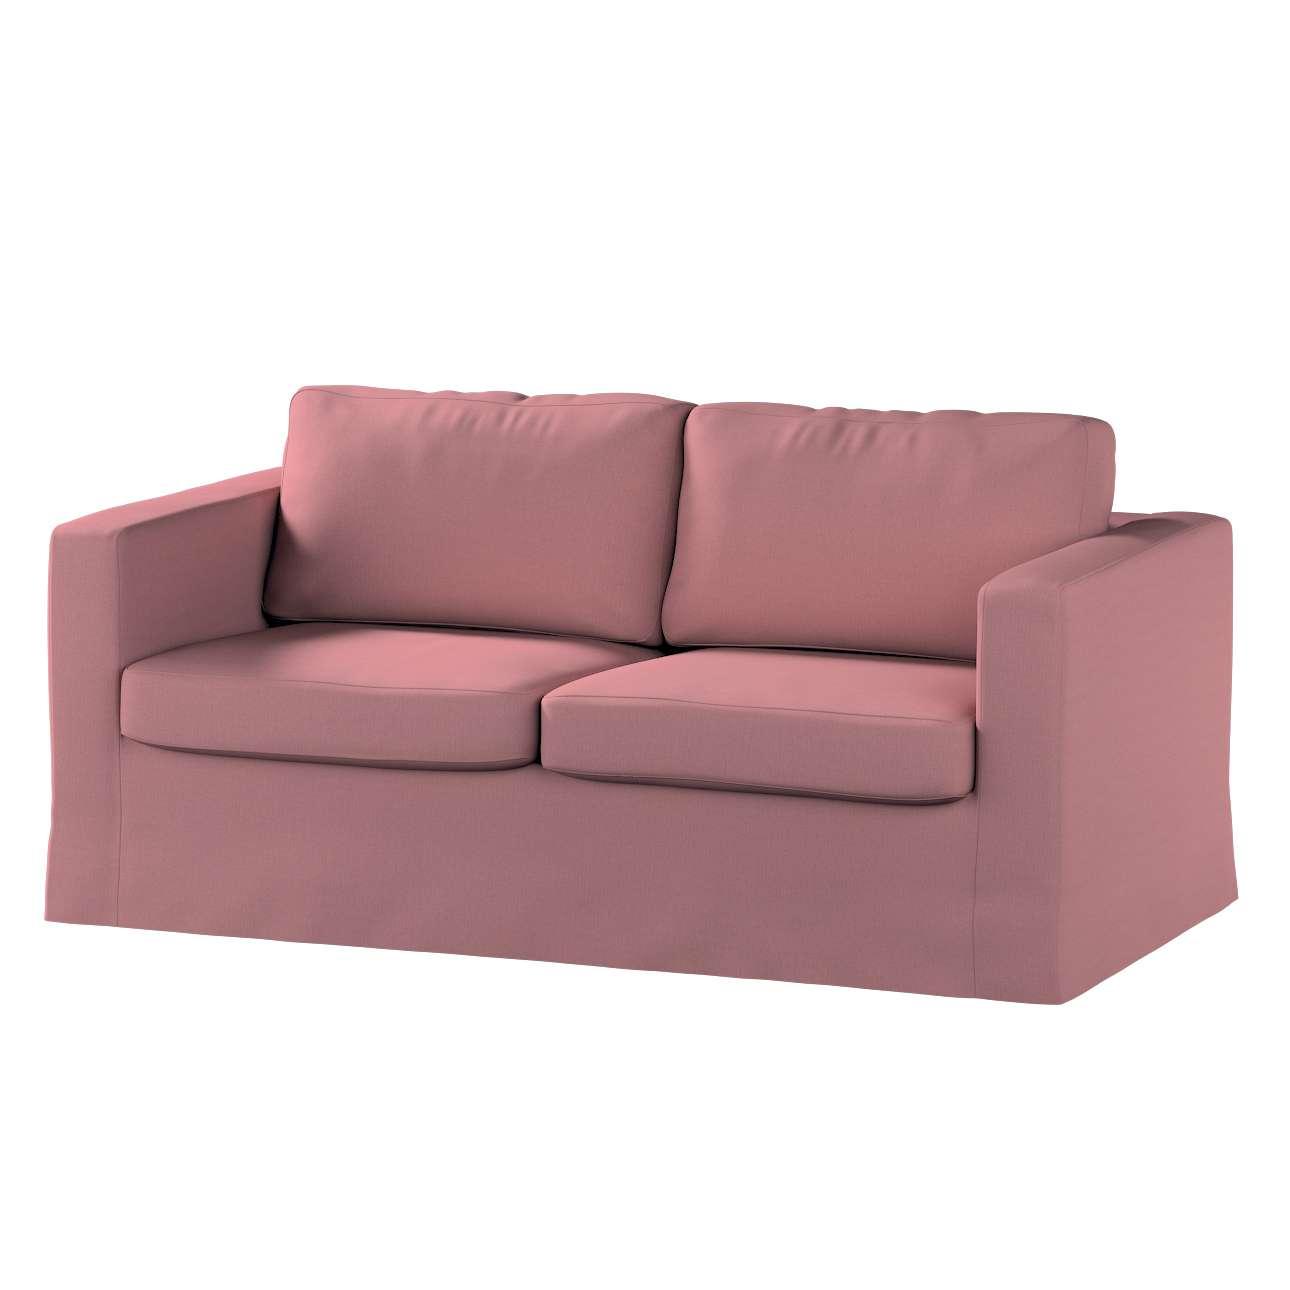 Pokrowiec na sofę Karlstad 2-osobową nierozkładaną długi w kolekcji Cotton Panama, tkanina: 702-43